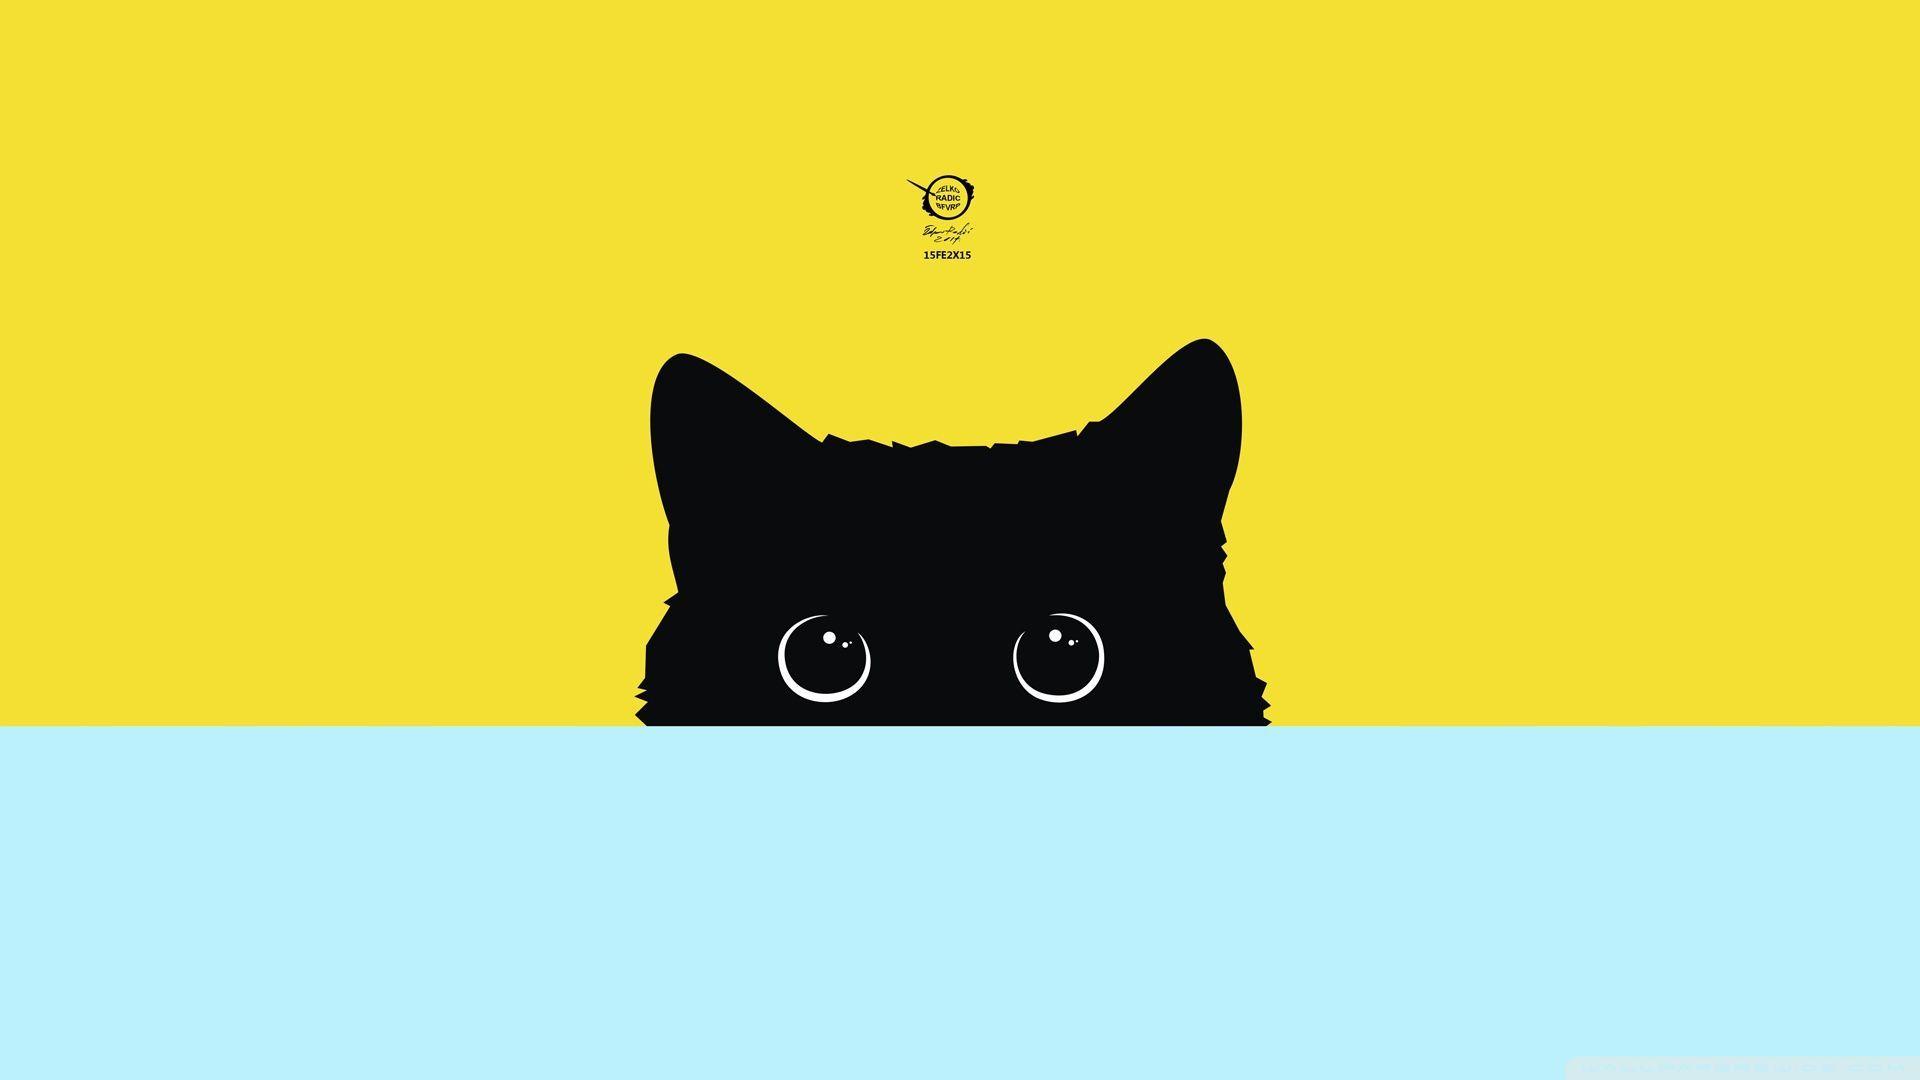 Cartoon Cat Desktop Wallpapers Top Free Cartoon Cat Desktop Backgrounds Wallpaperaccess Wallpaper Achtergronden Computer Achtergronden Achtergronden